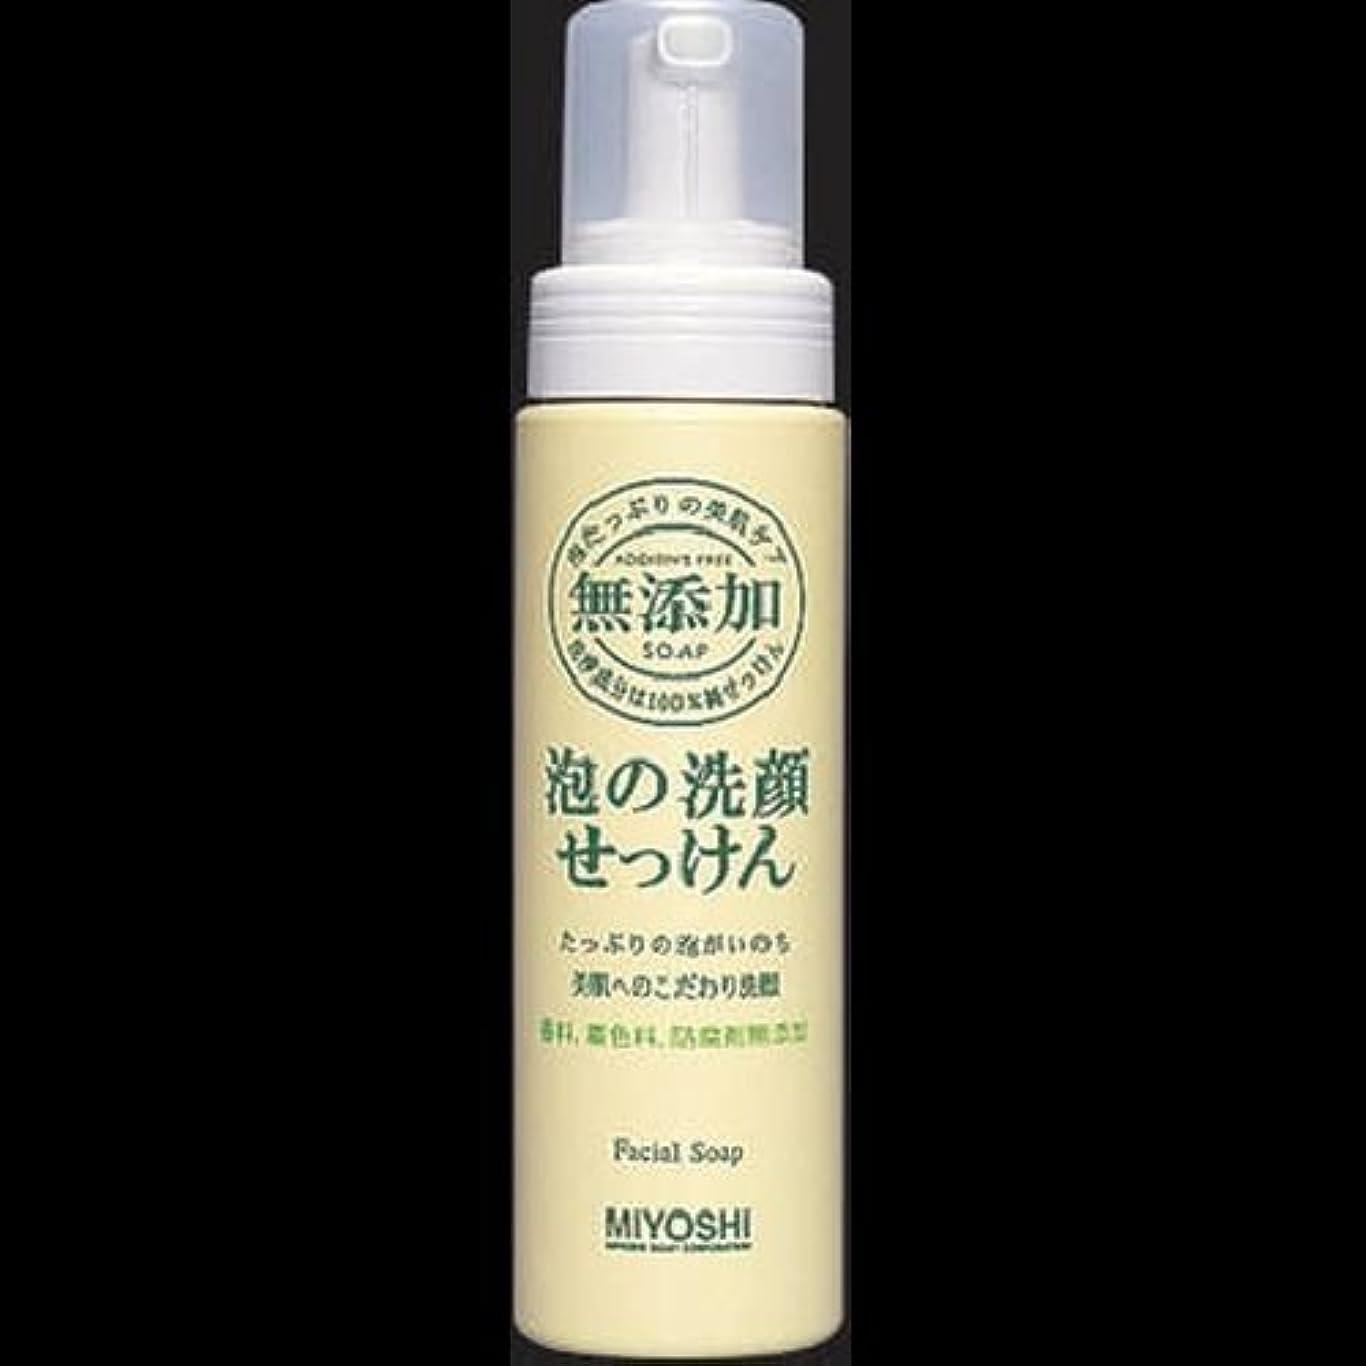 【まとめ買い】ミヨシ 無添加 泡の洗顔せっけん ×2セット